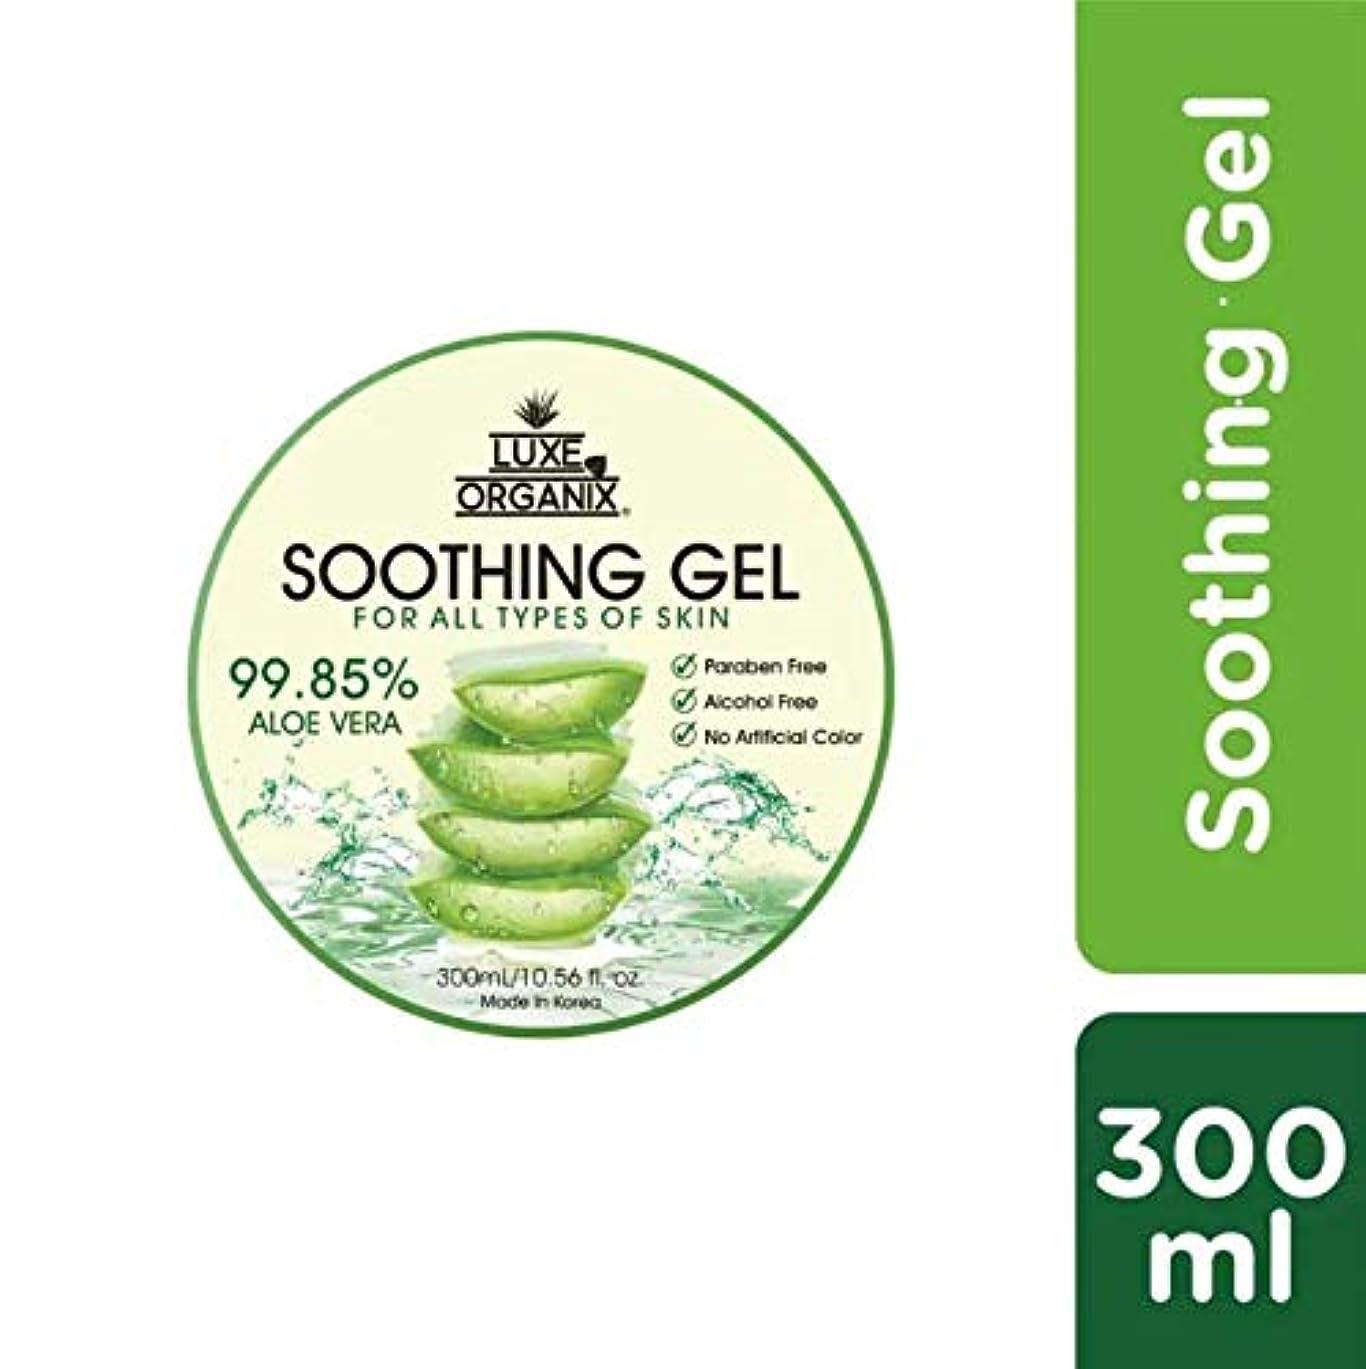 100% オーガニック アロエ ジェル 300ml / Luxe Organix Alovera Soothing Aloe Gel 300ml